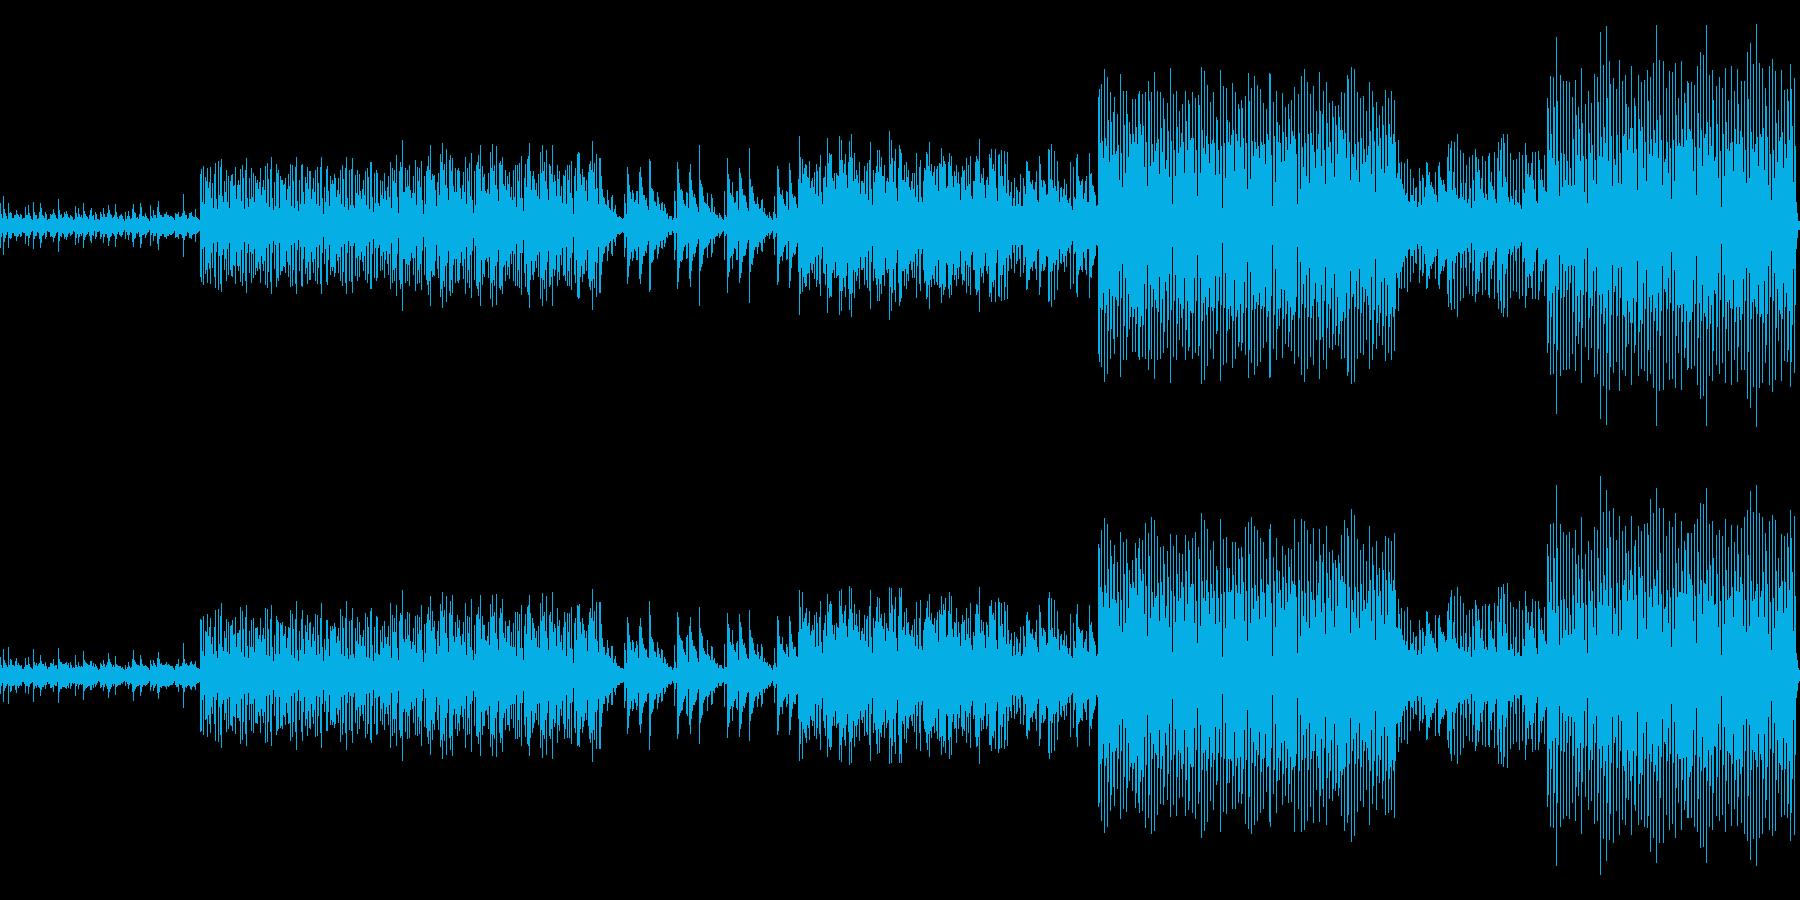 ニューディスコの再生済みの波形